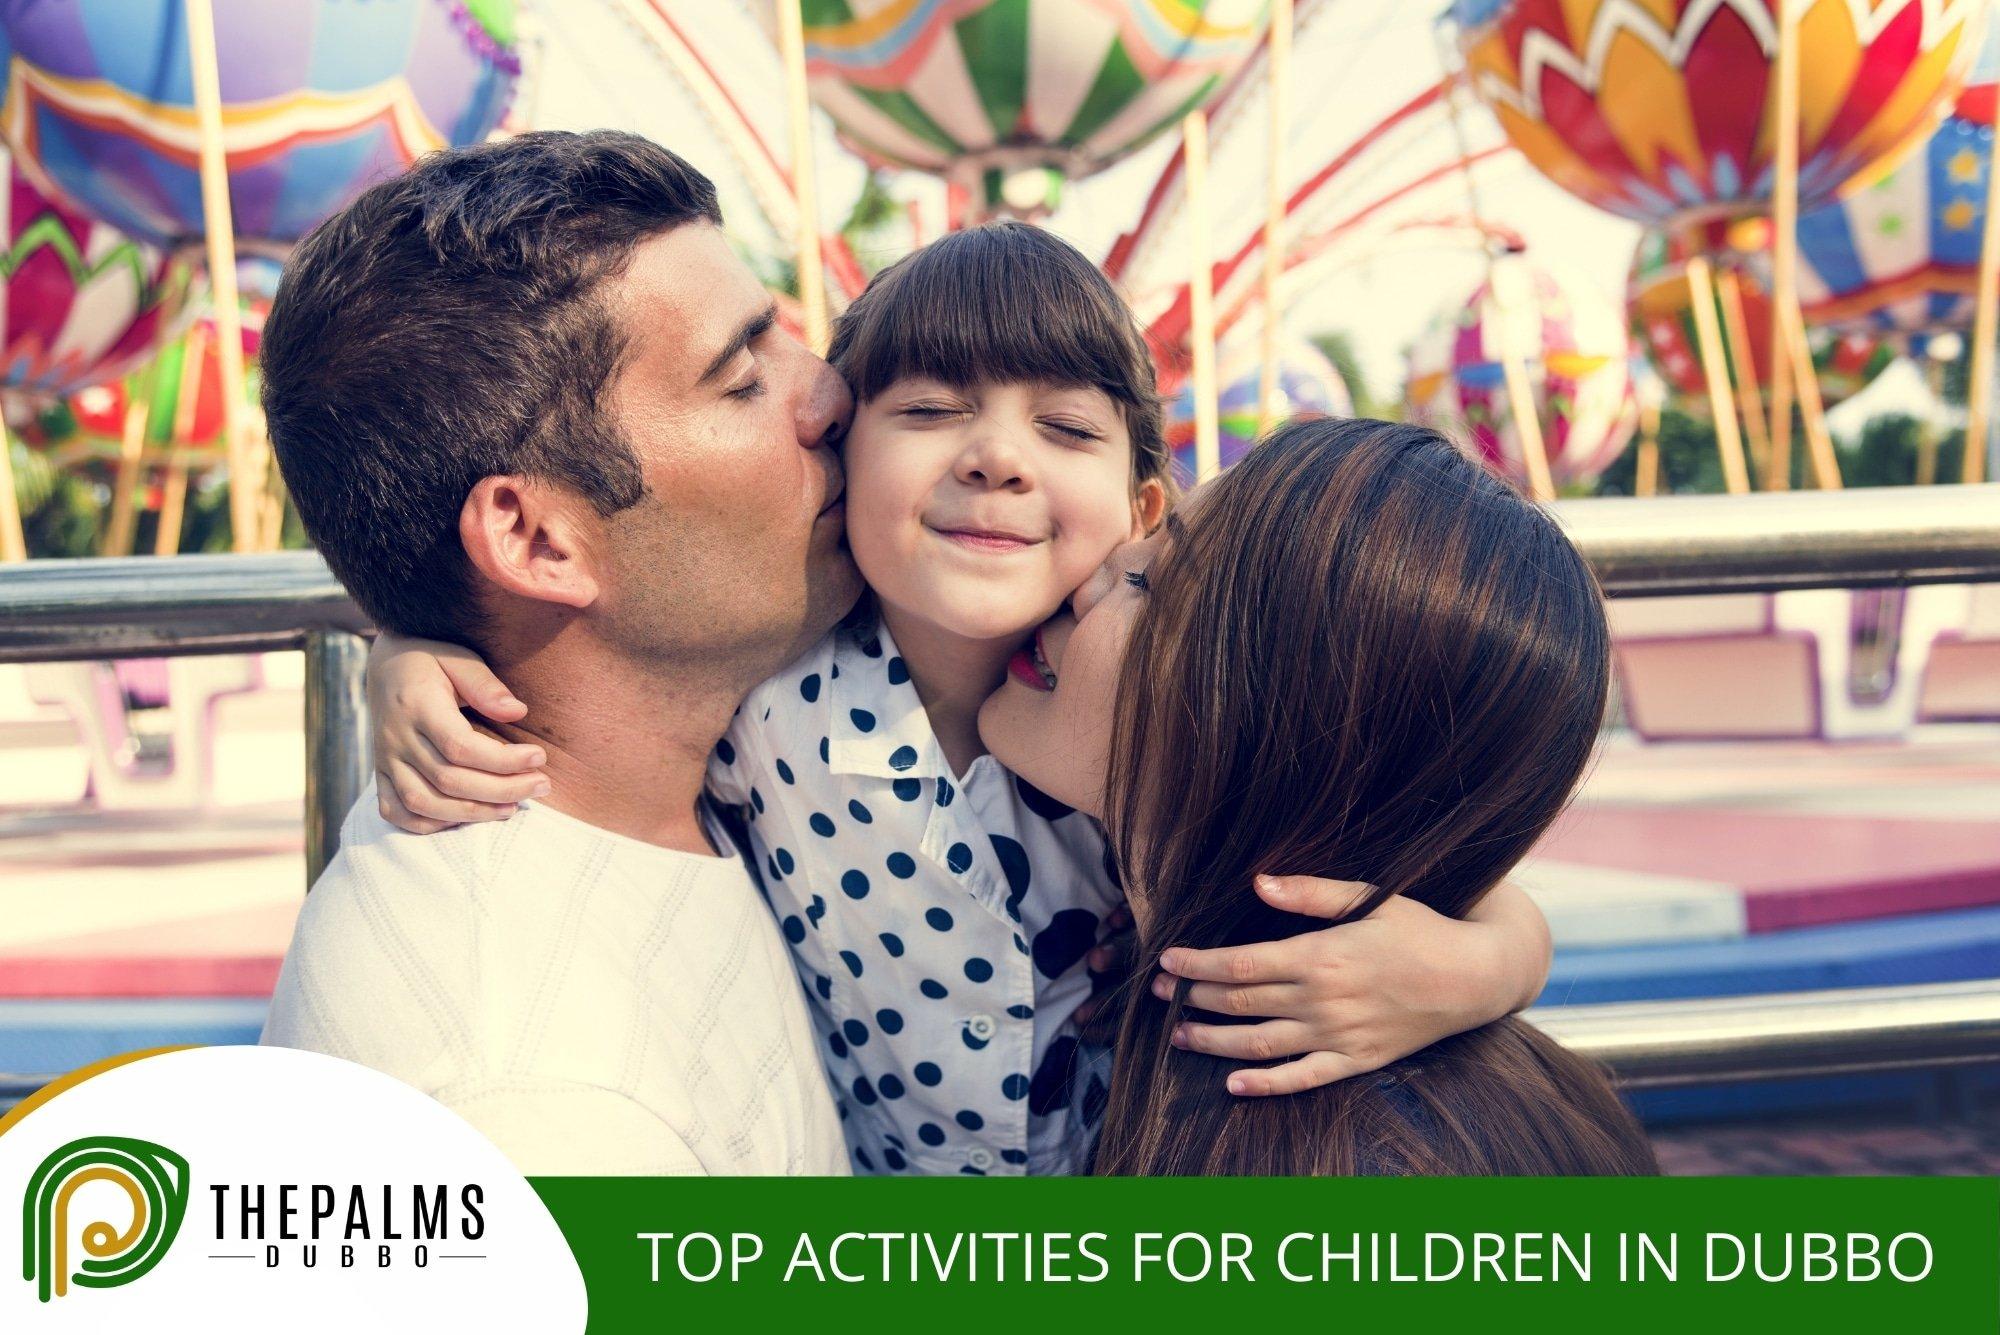 Top Activities for Children in Dubbo